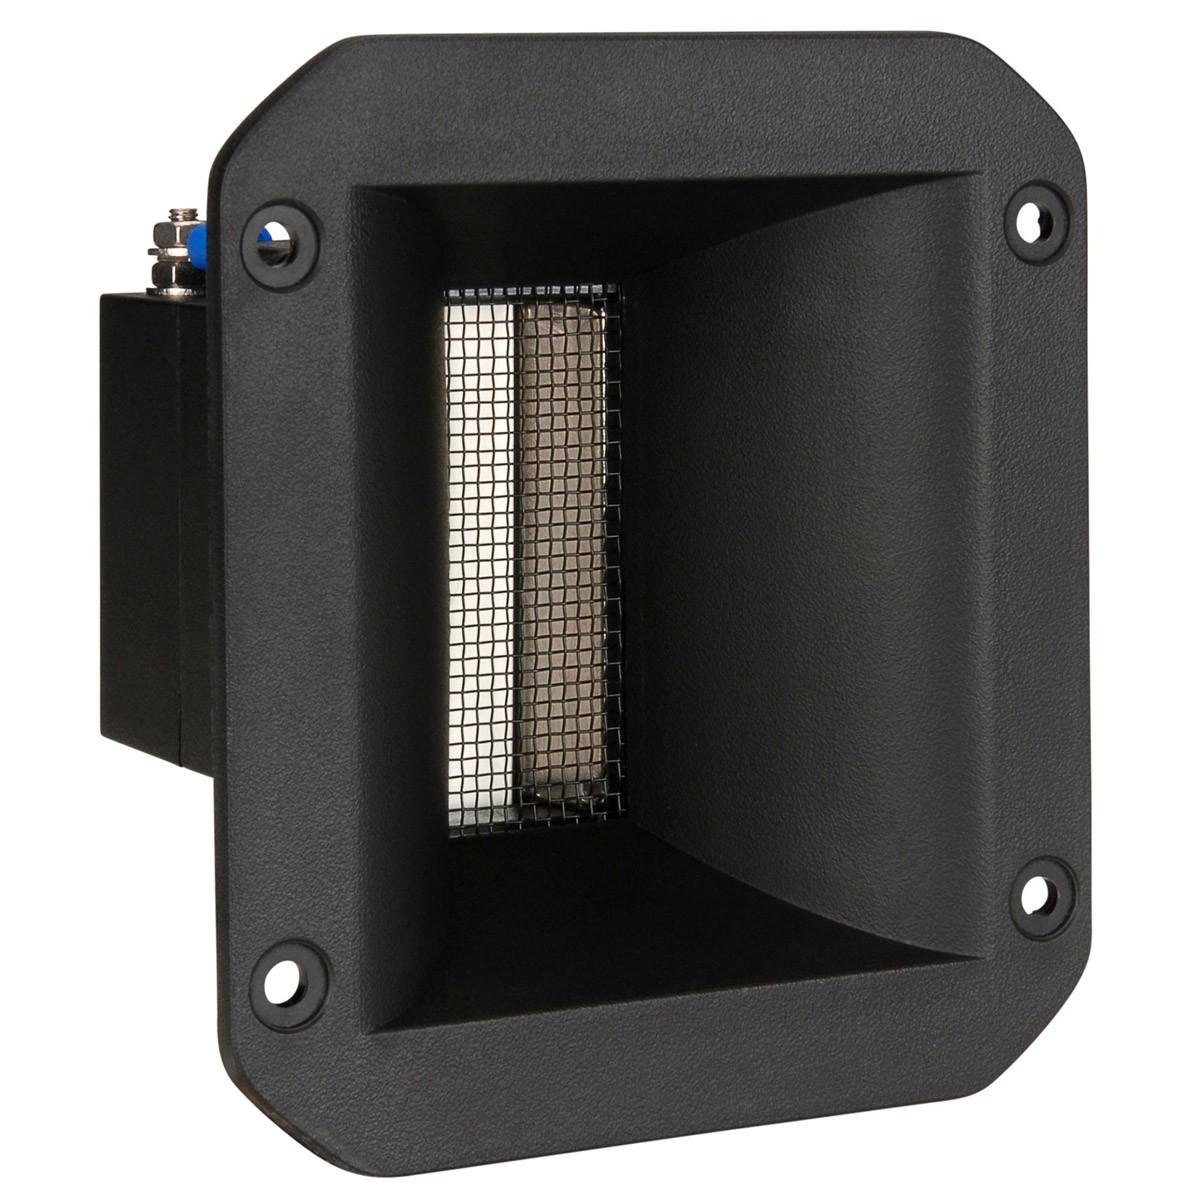 FOUNTEK NEO CD 3.5H Speaker Driver Ribbon Tweeter 12W 7 Ohm 95dB 1100Hz - 30kHz 9x60mm